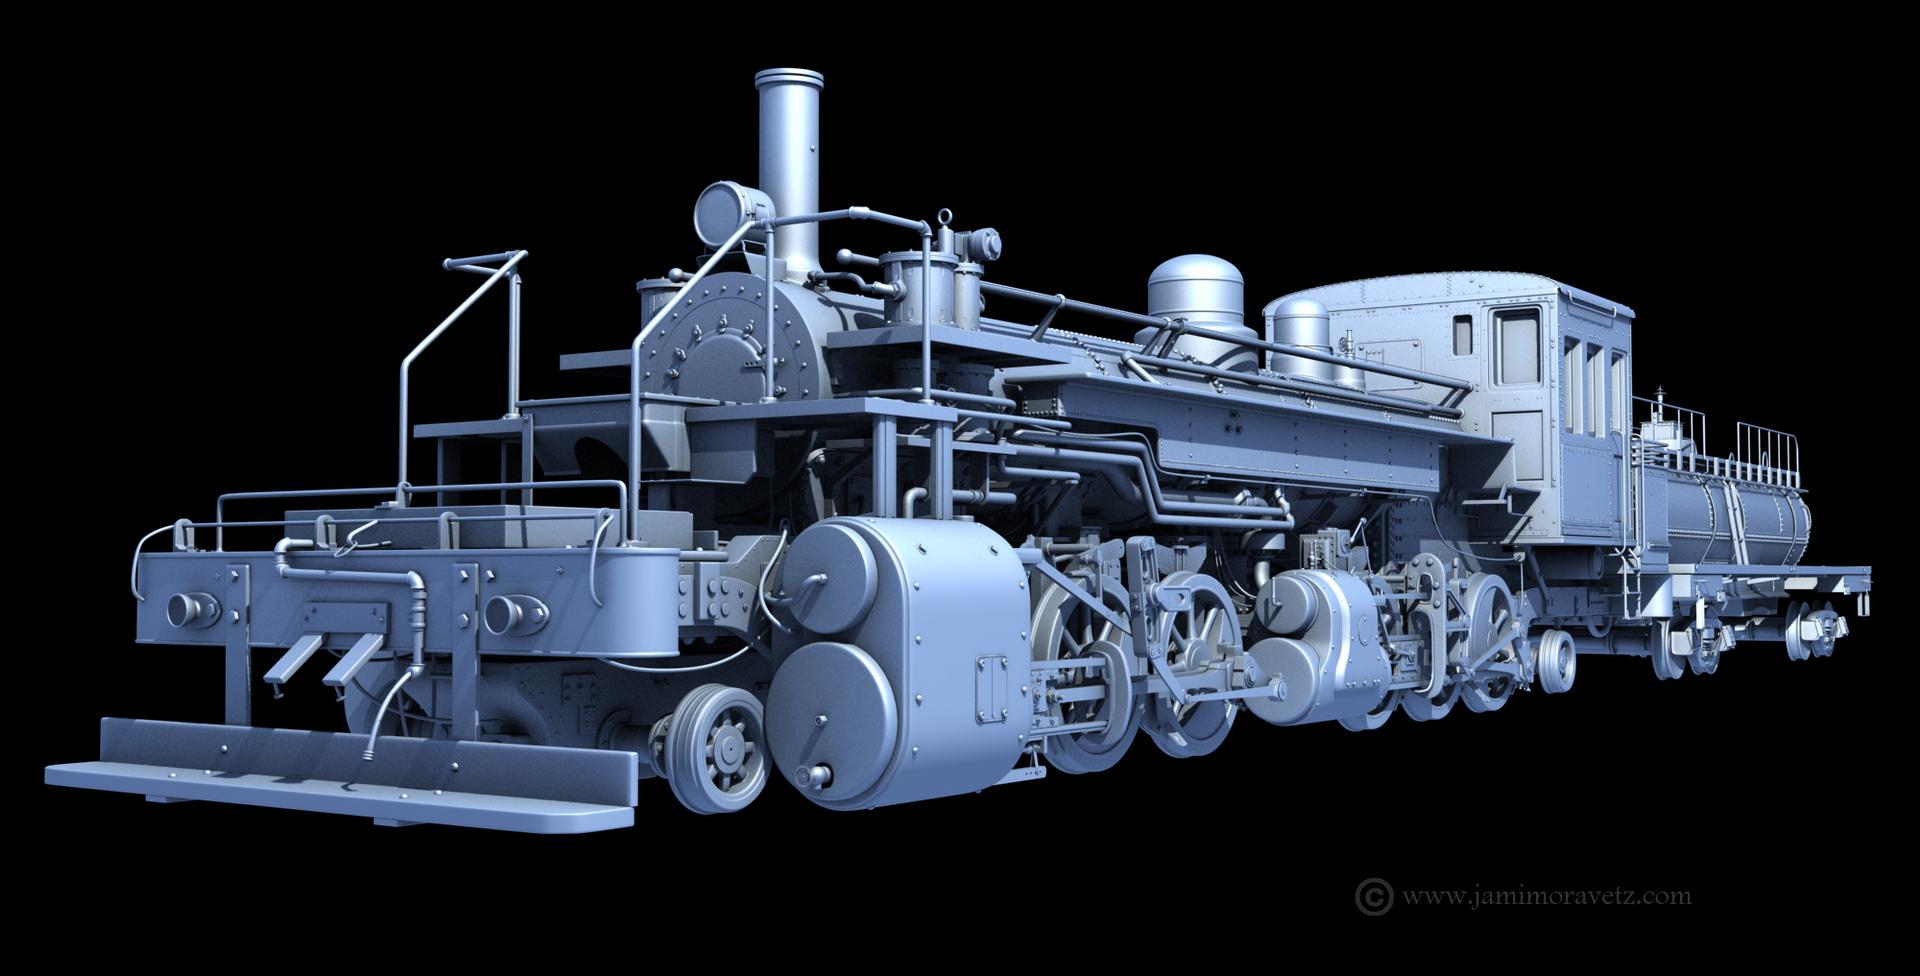 Train front l